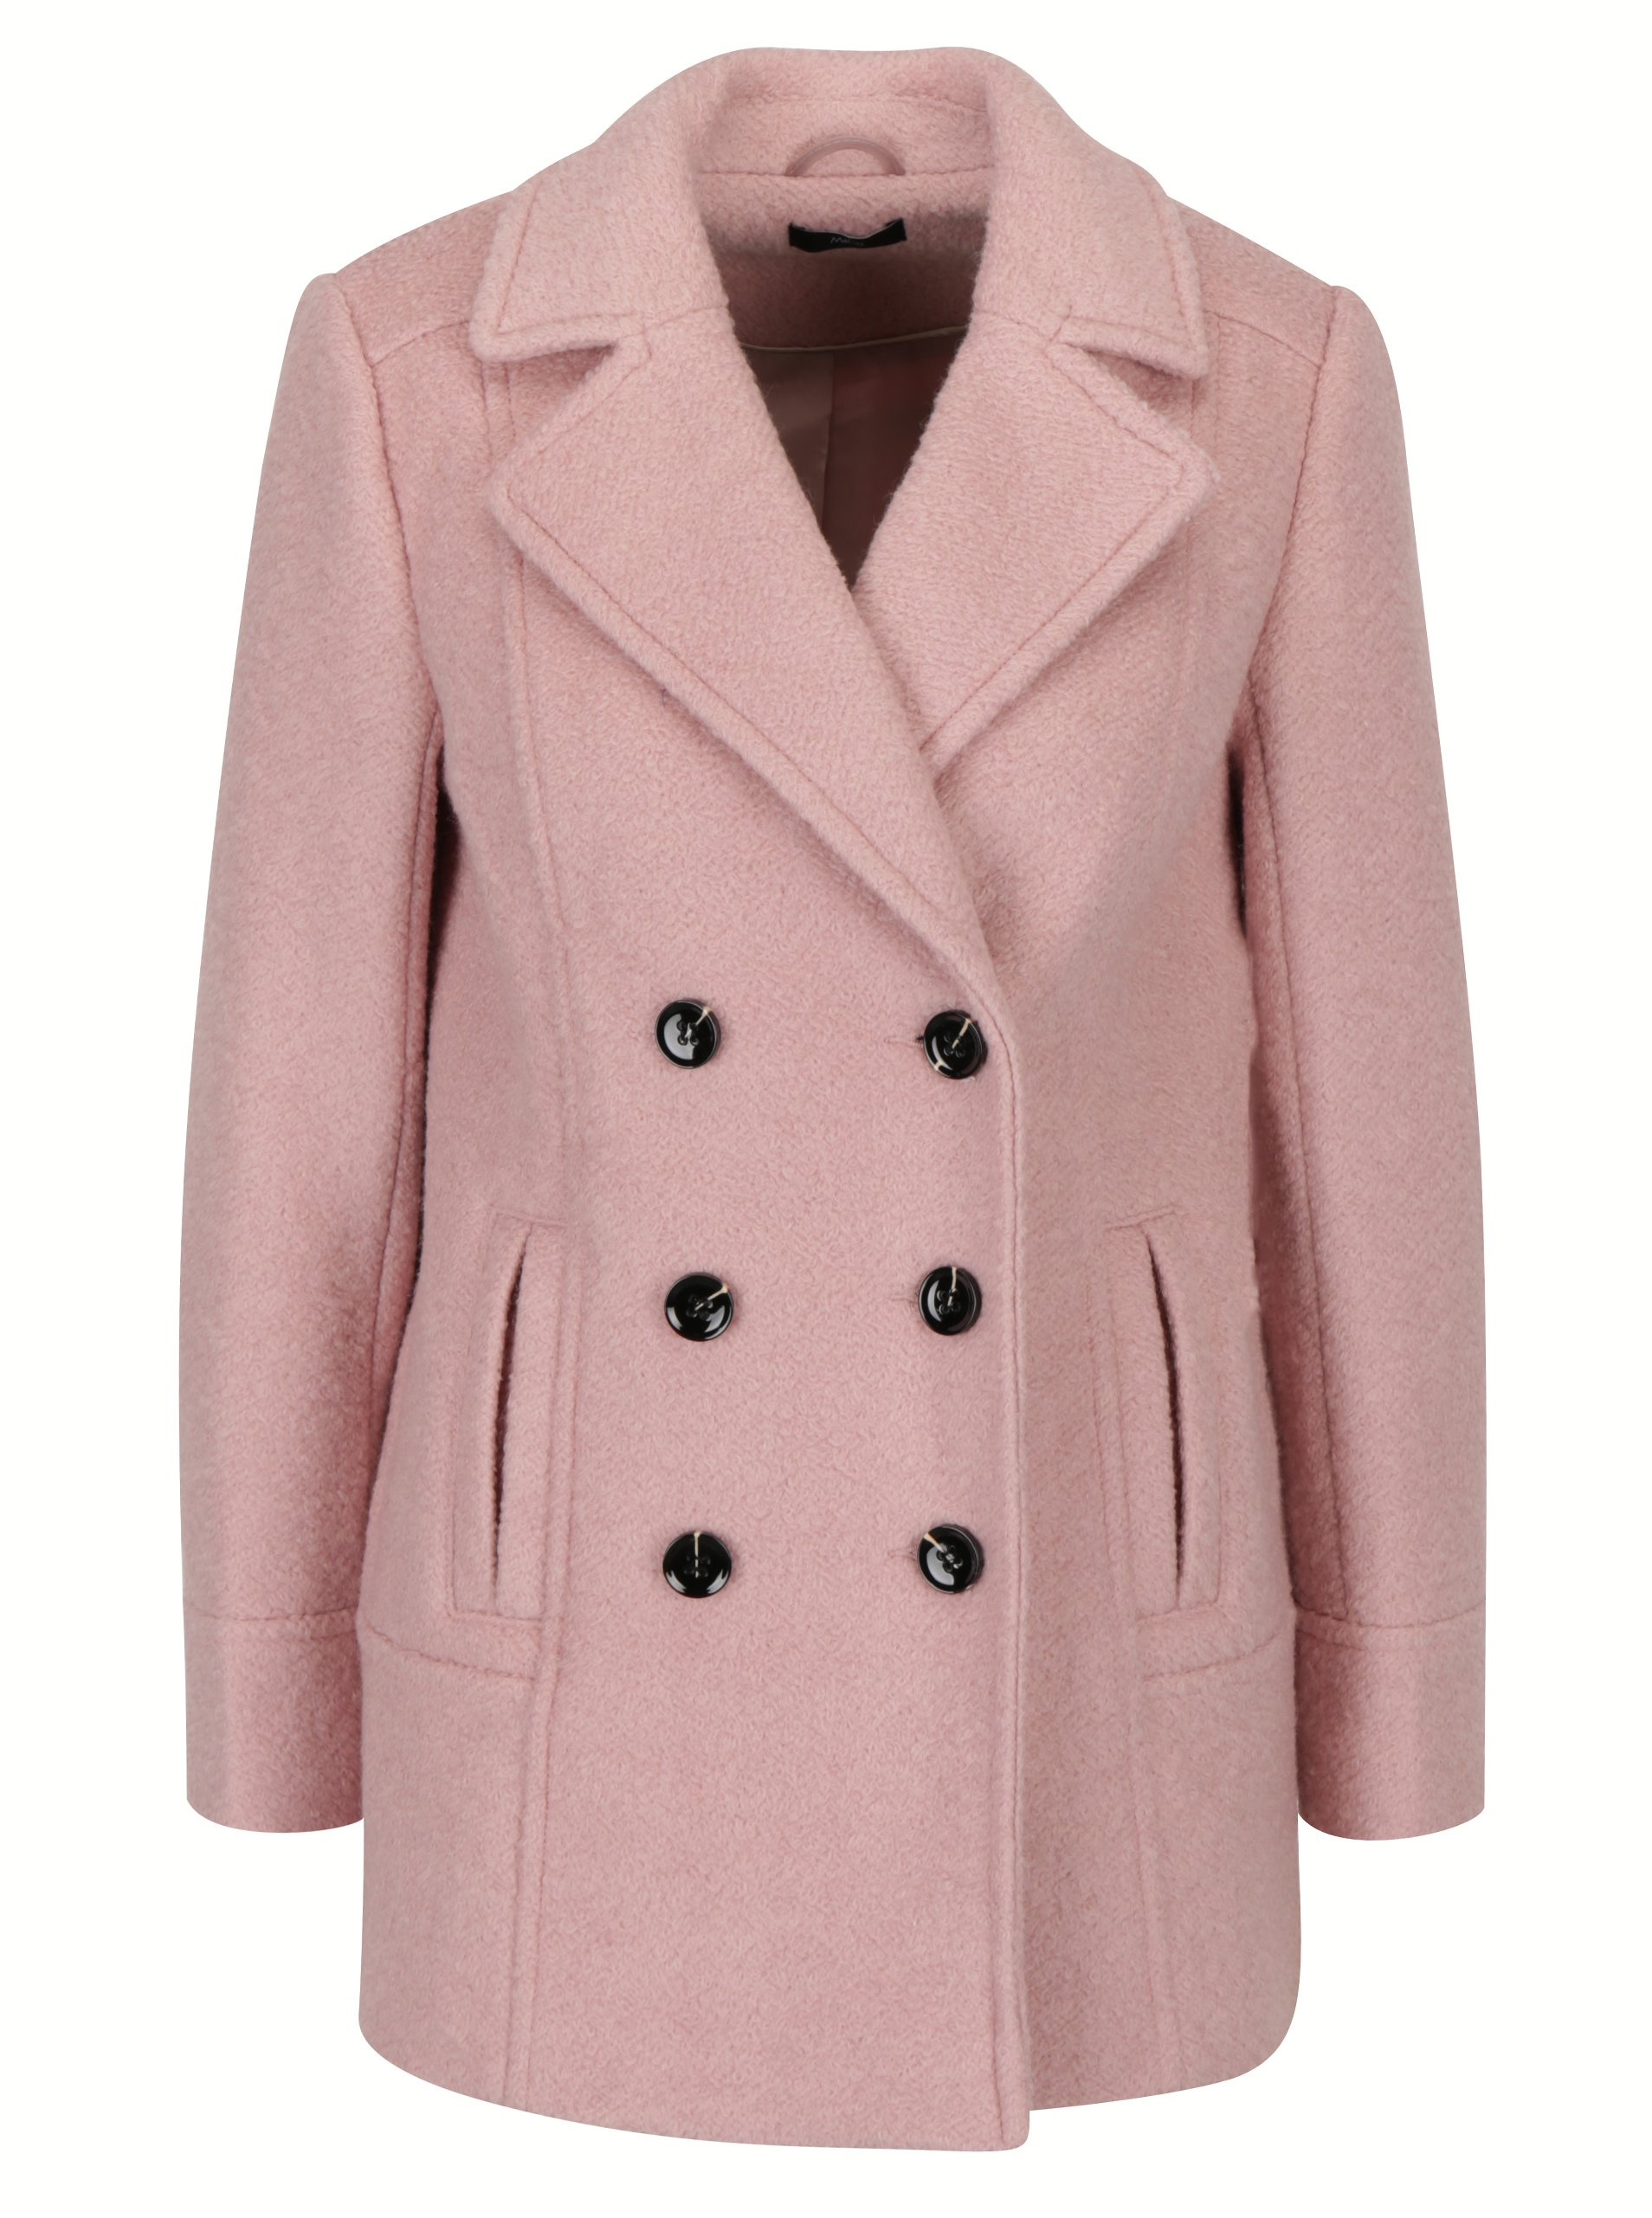 Svetloružový vlnený kabát M Co  e8f0bbfcd3a